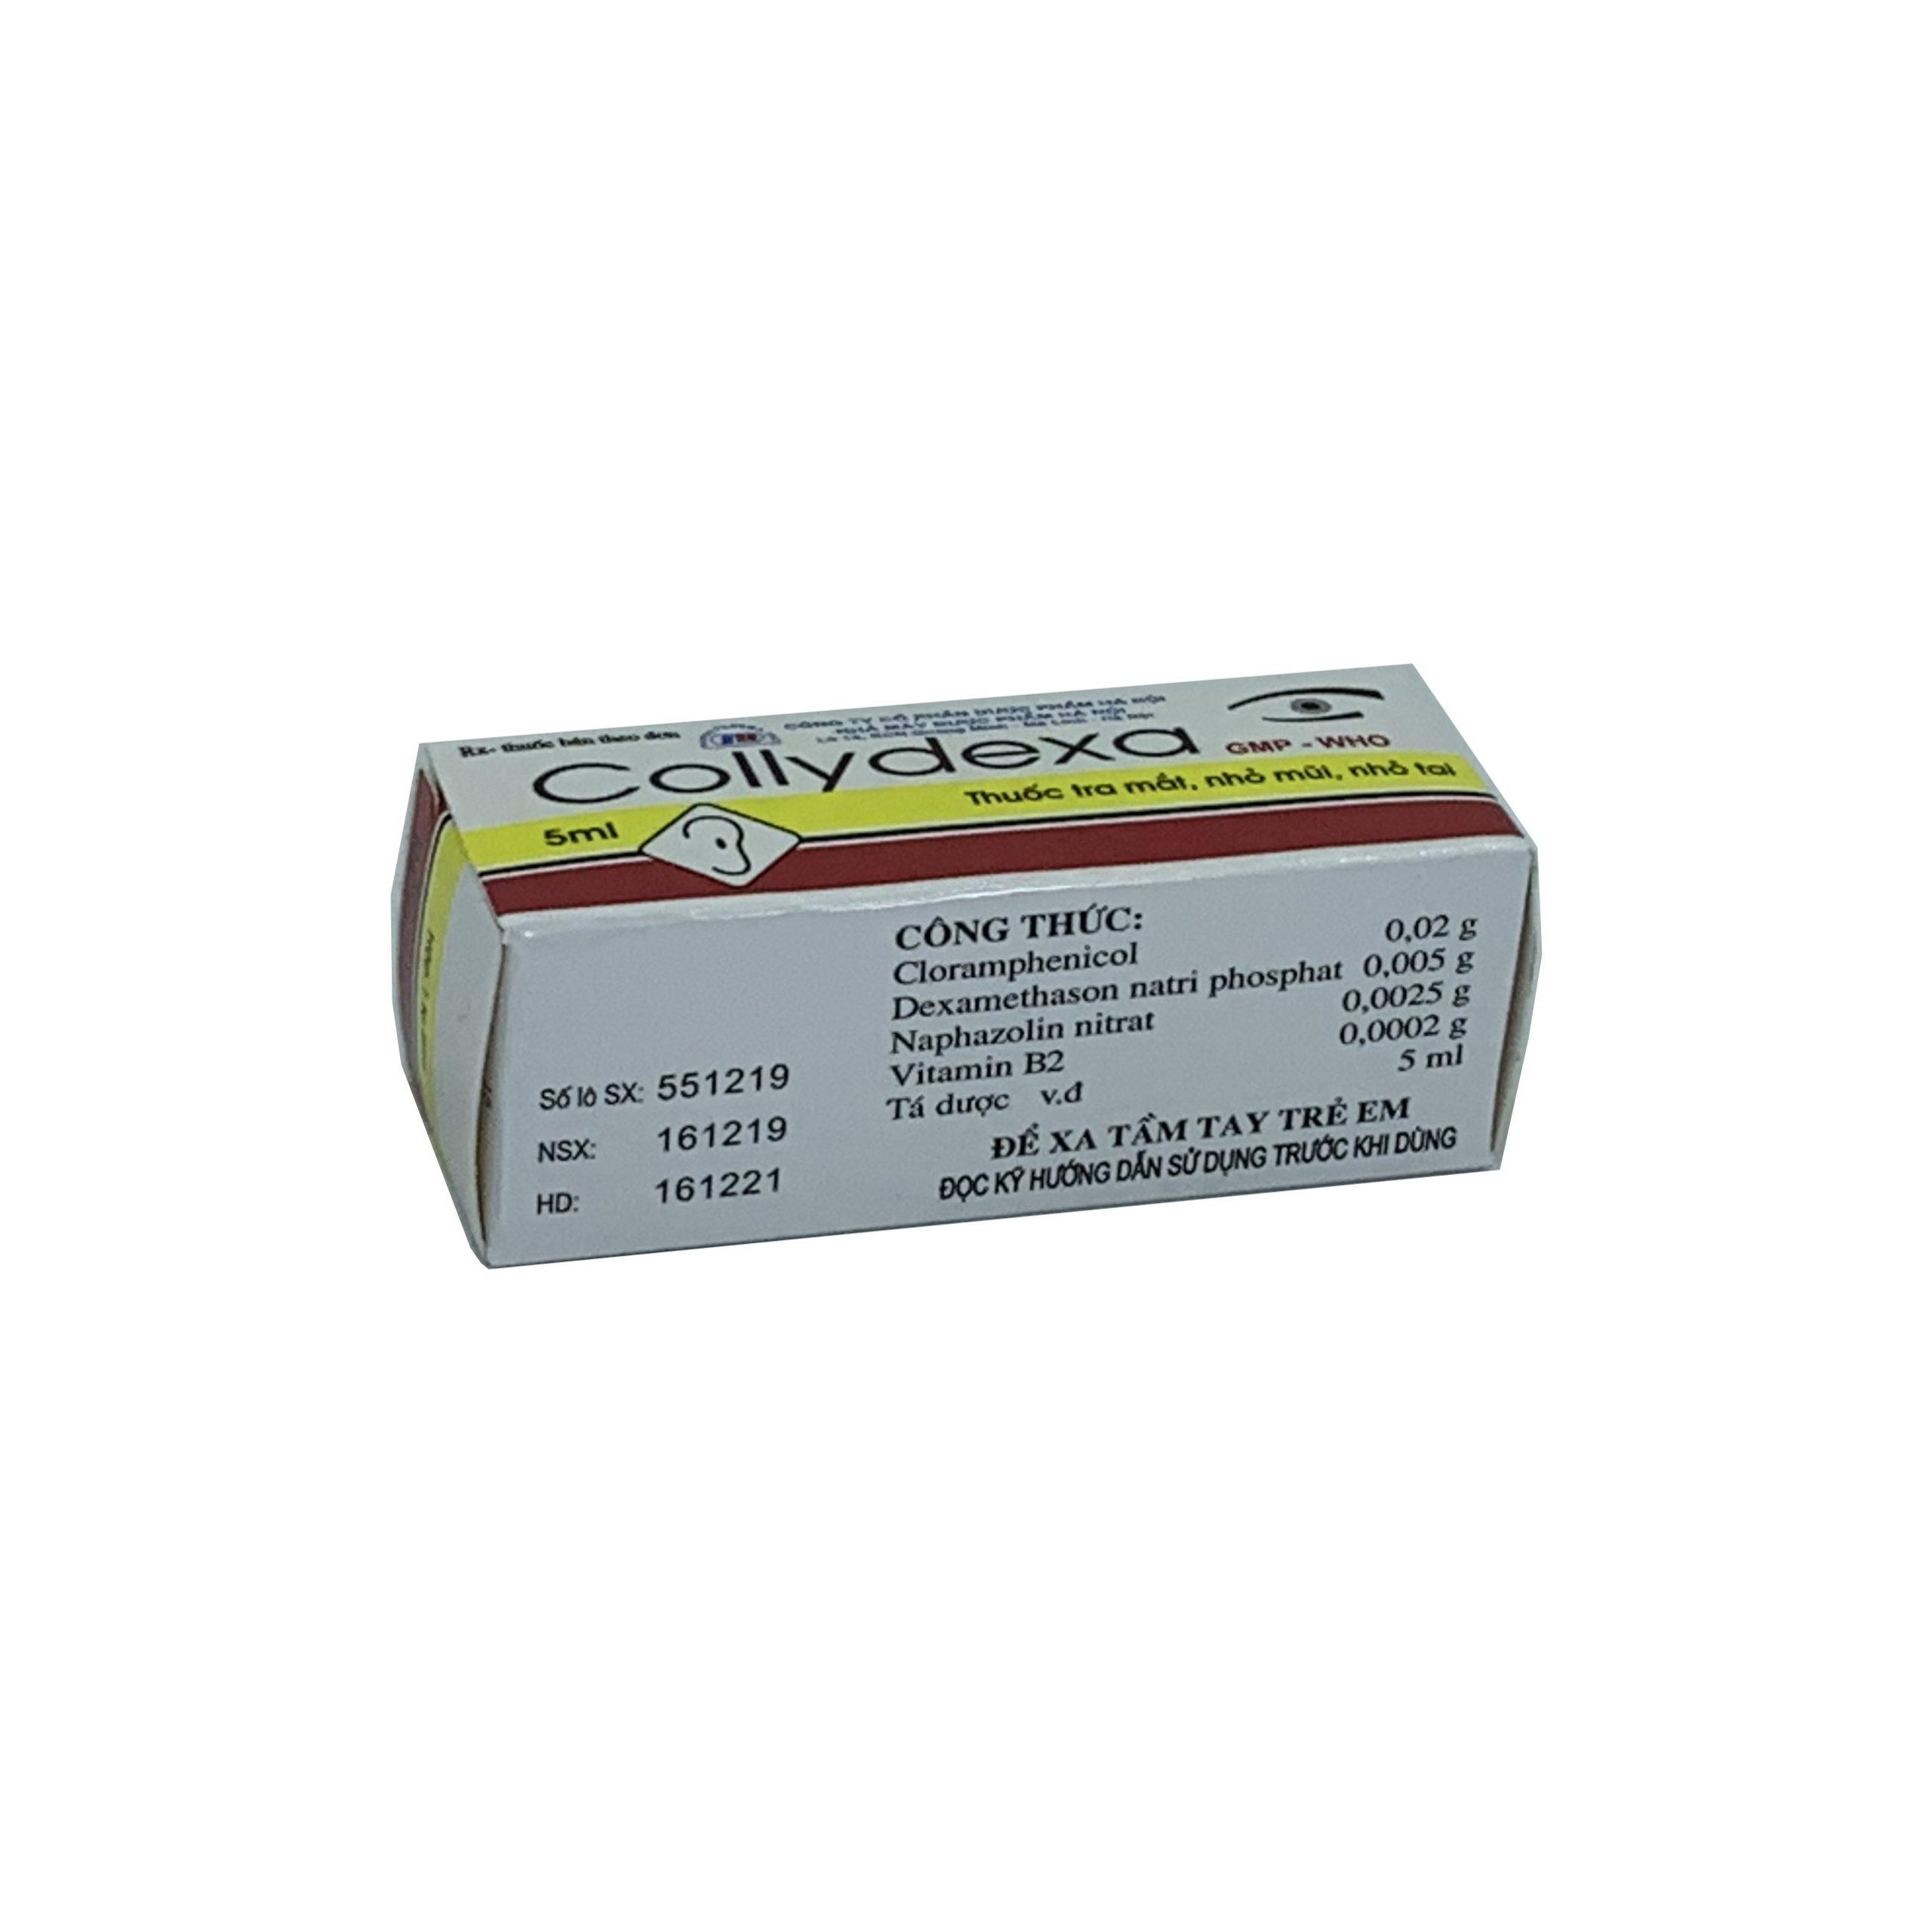 Thuốc Collydexa 5ml